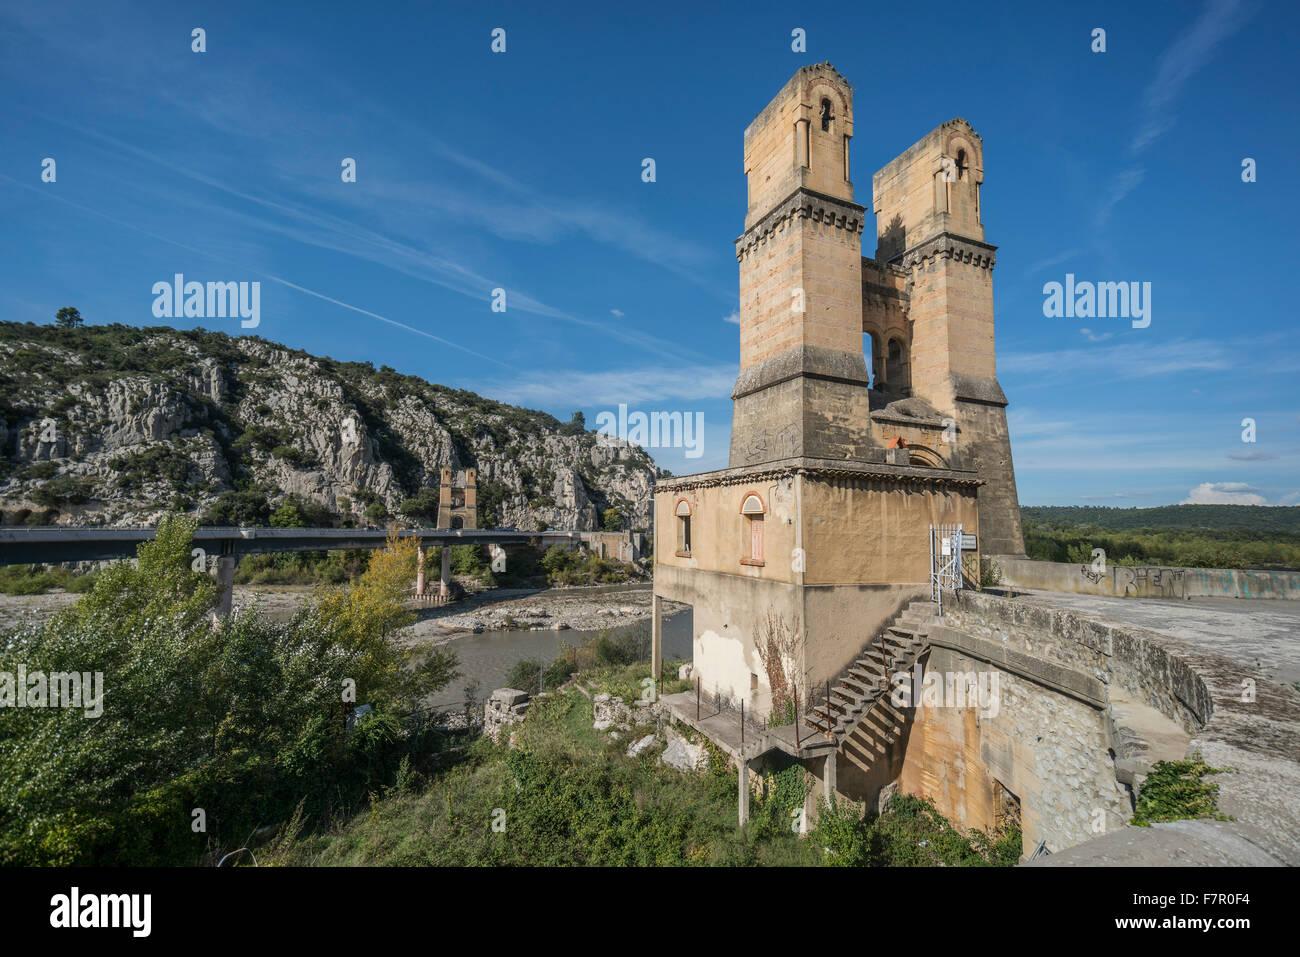 Pont de Mirabeau, dismantled bridge, Durance river, Vaucluse, Bouches-du-Rhone, Provence, France - Stock Image